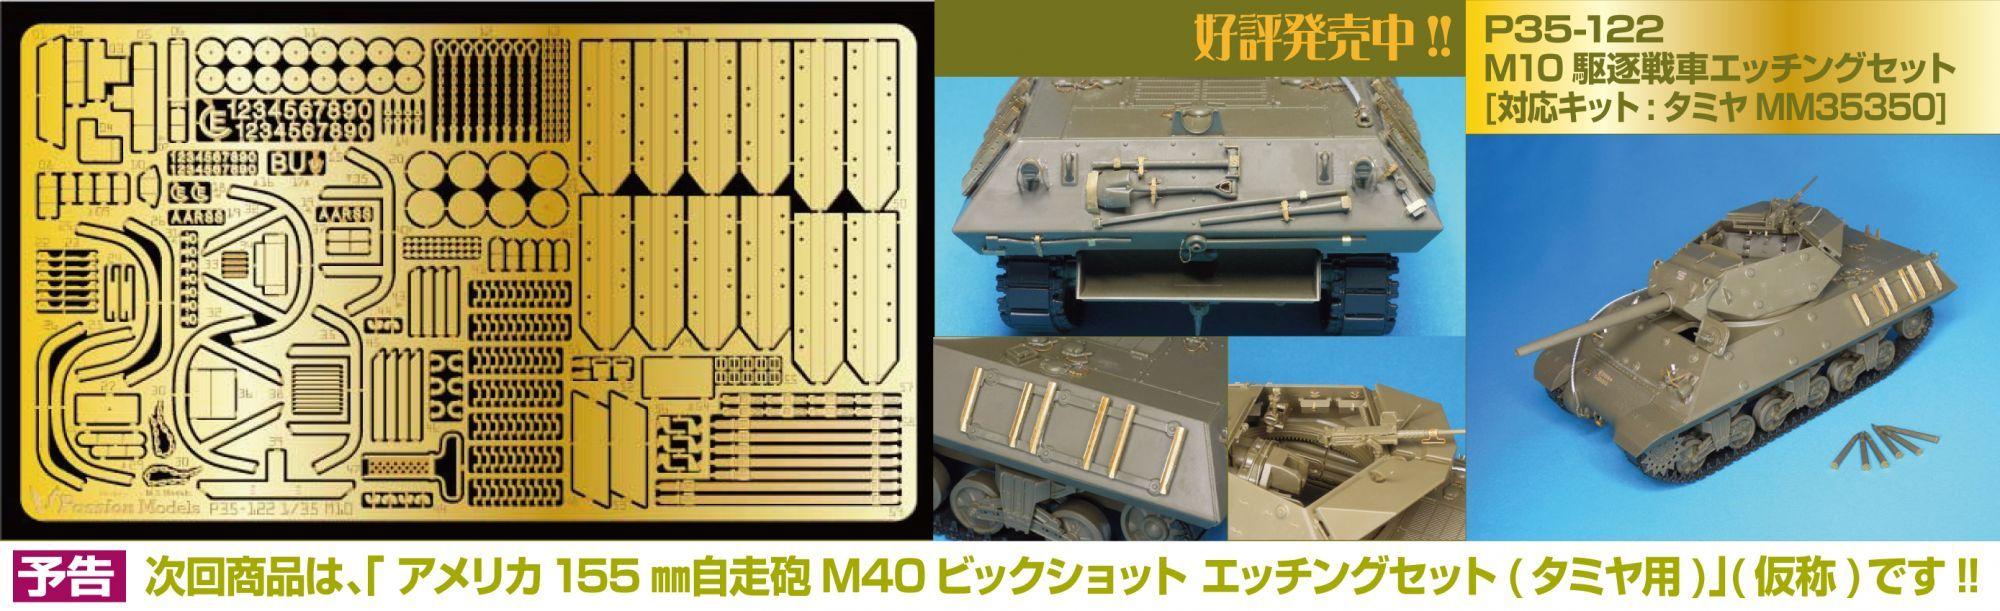 [P35-122]1/35 M10駆逐戦車エッチングセット(タミヤMM35350用)